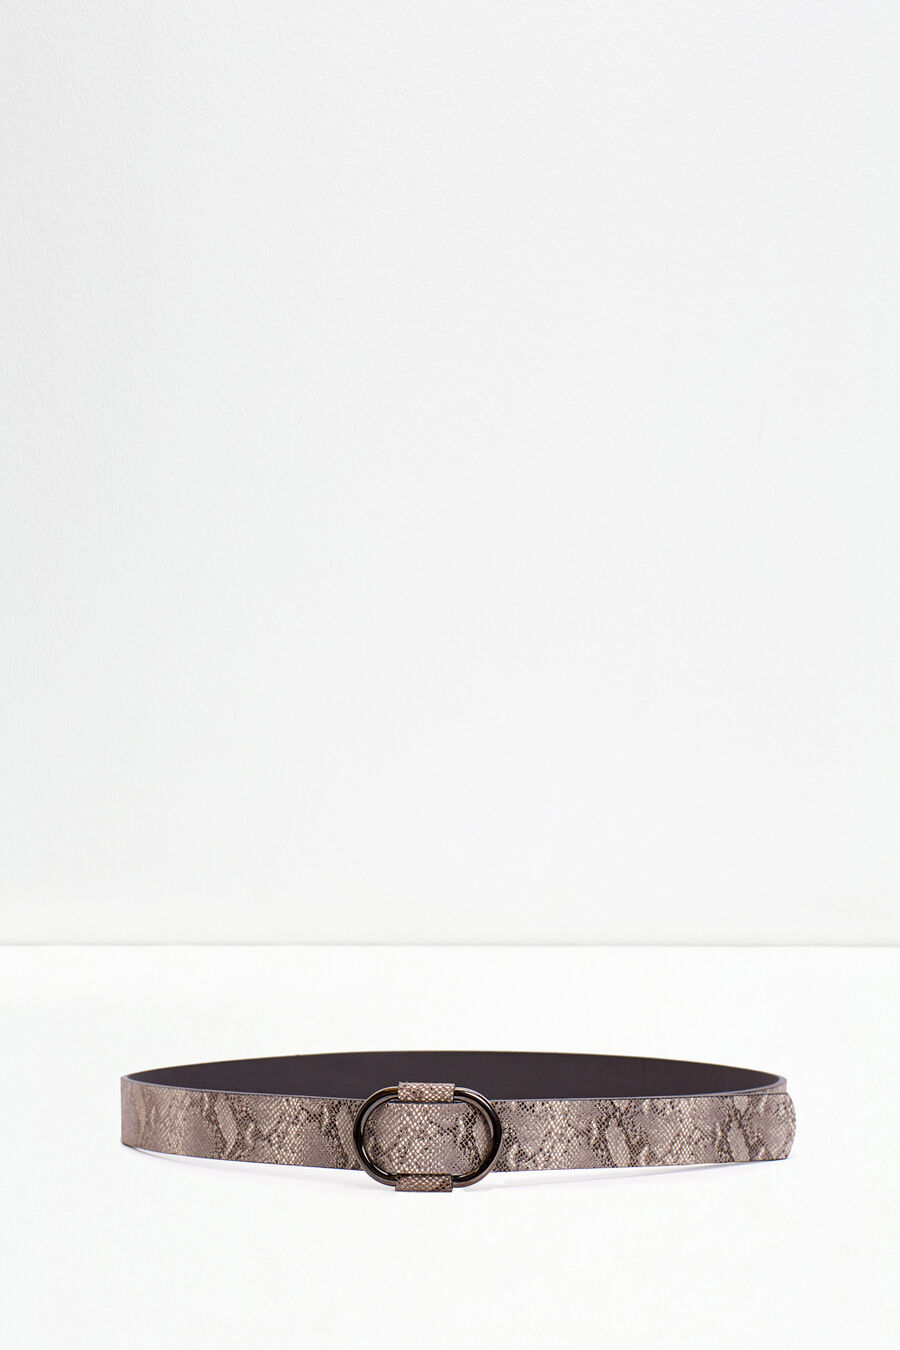 Snakeskin print belt